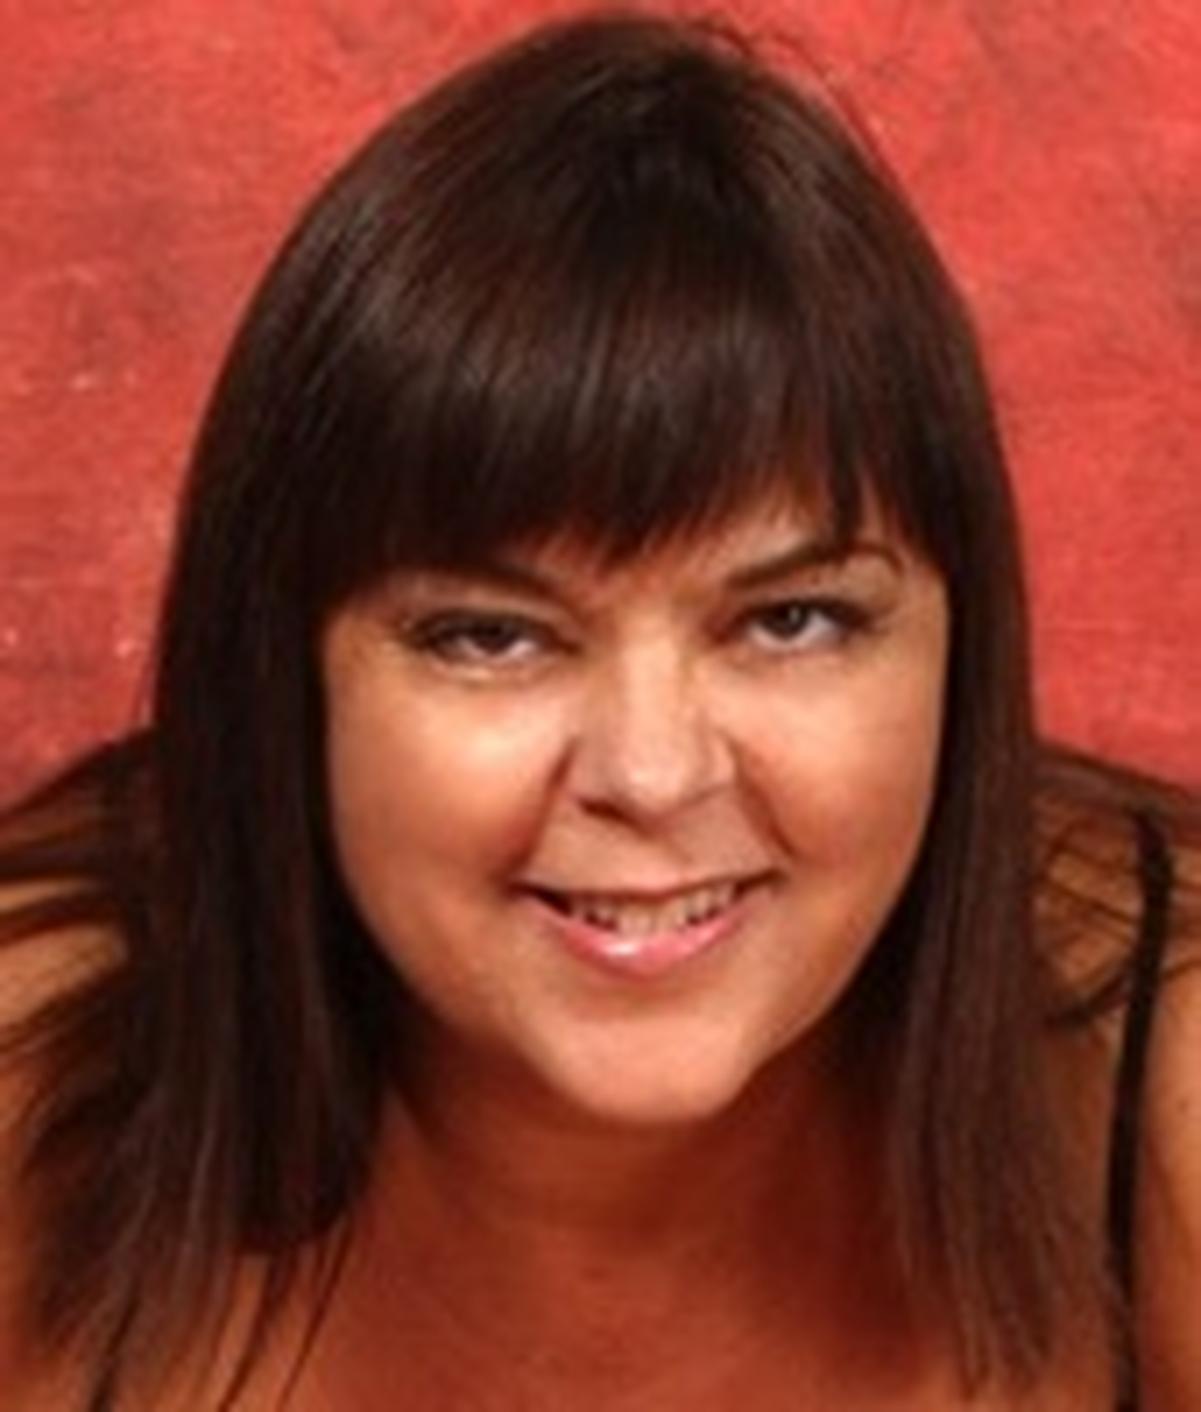 Josie Juggsy